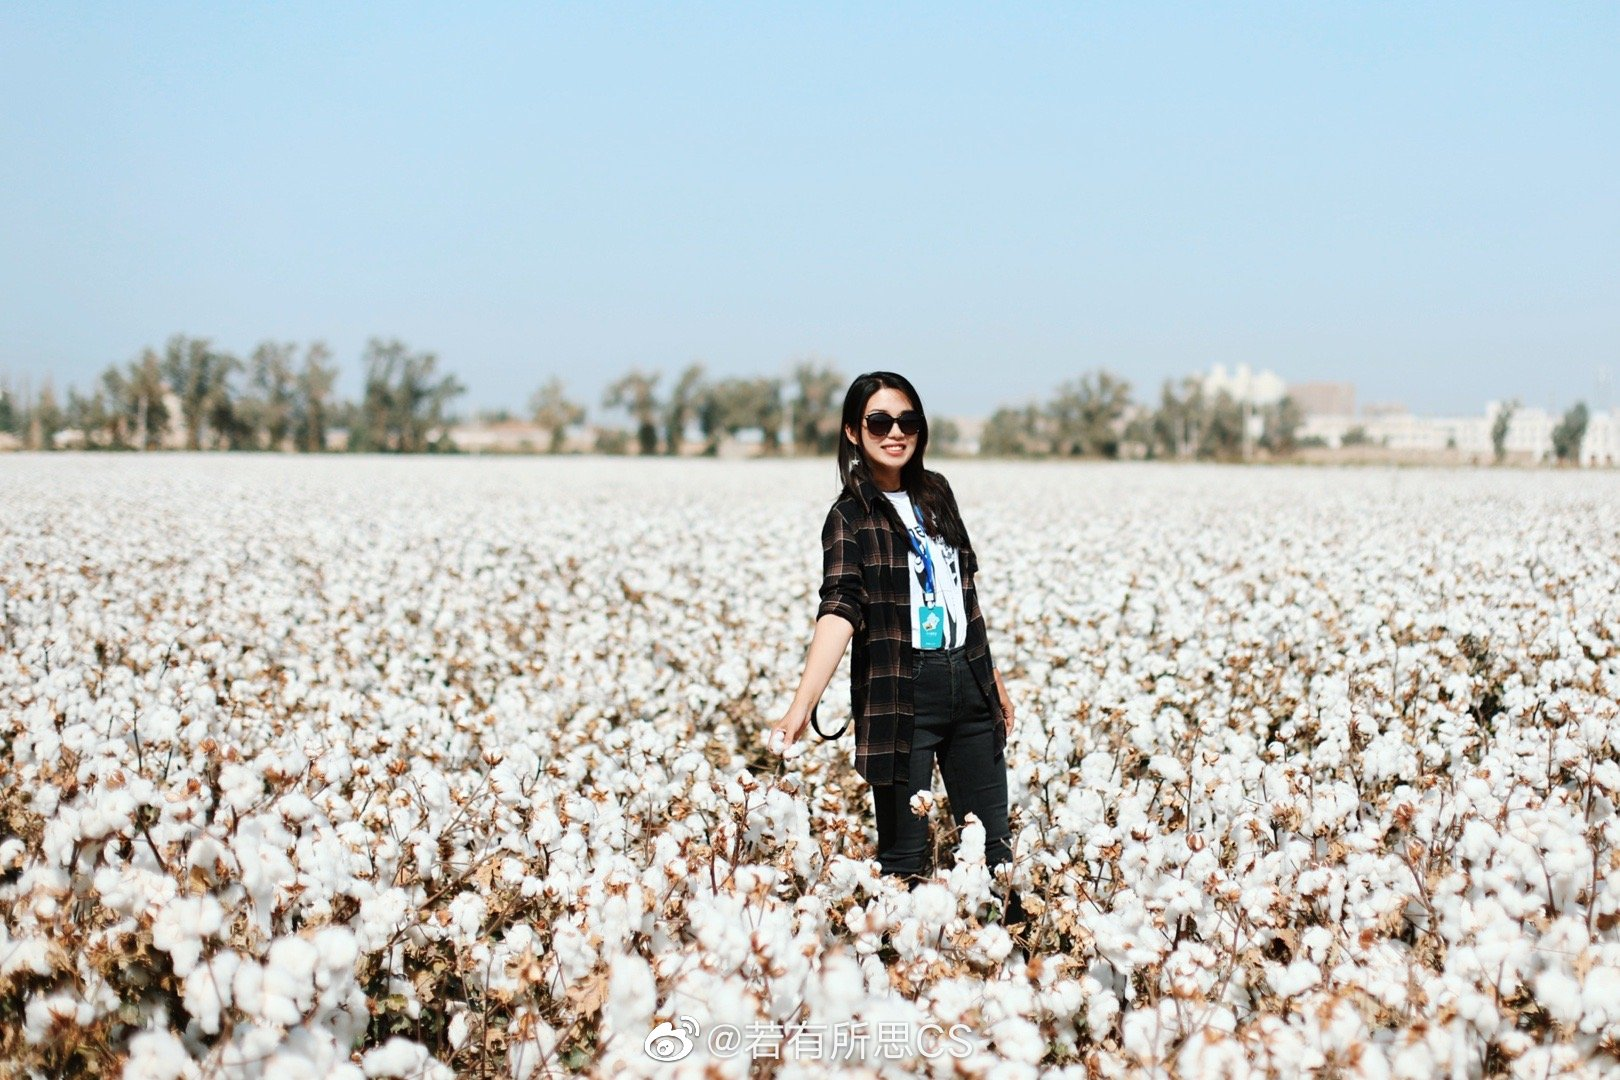 新疆库尔勒尉犁县,路边遇见两大片棉花田